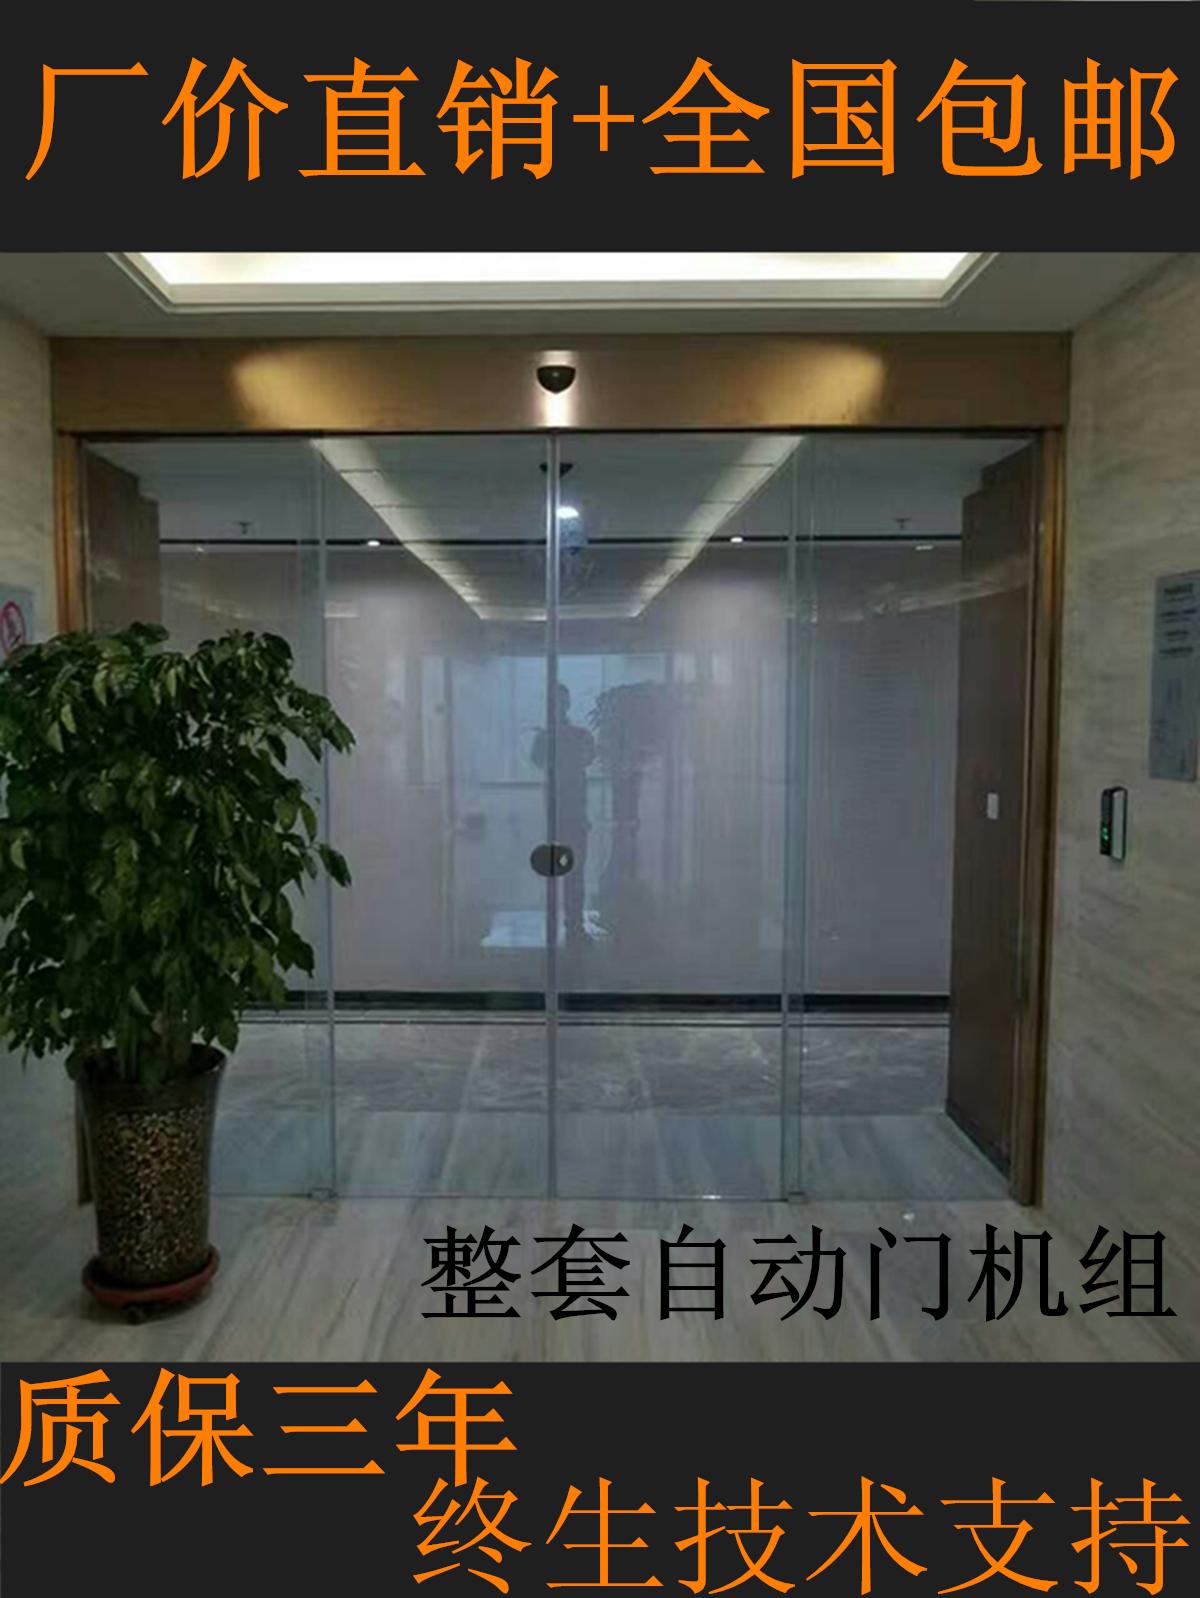 un dispozitiv automat de la uşa de sticlă automat complet de o uşă electrică